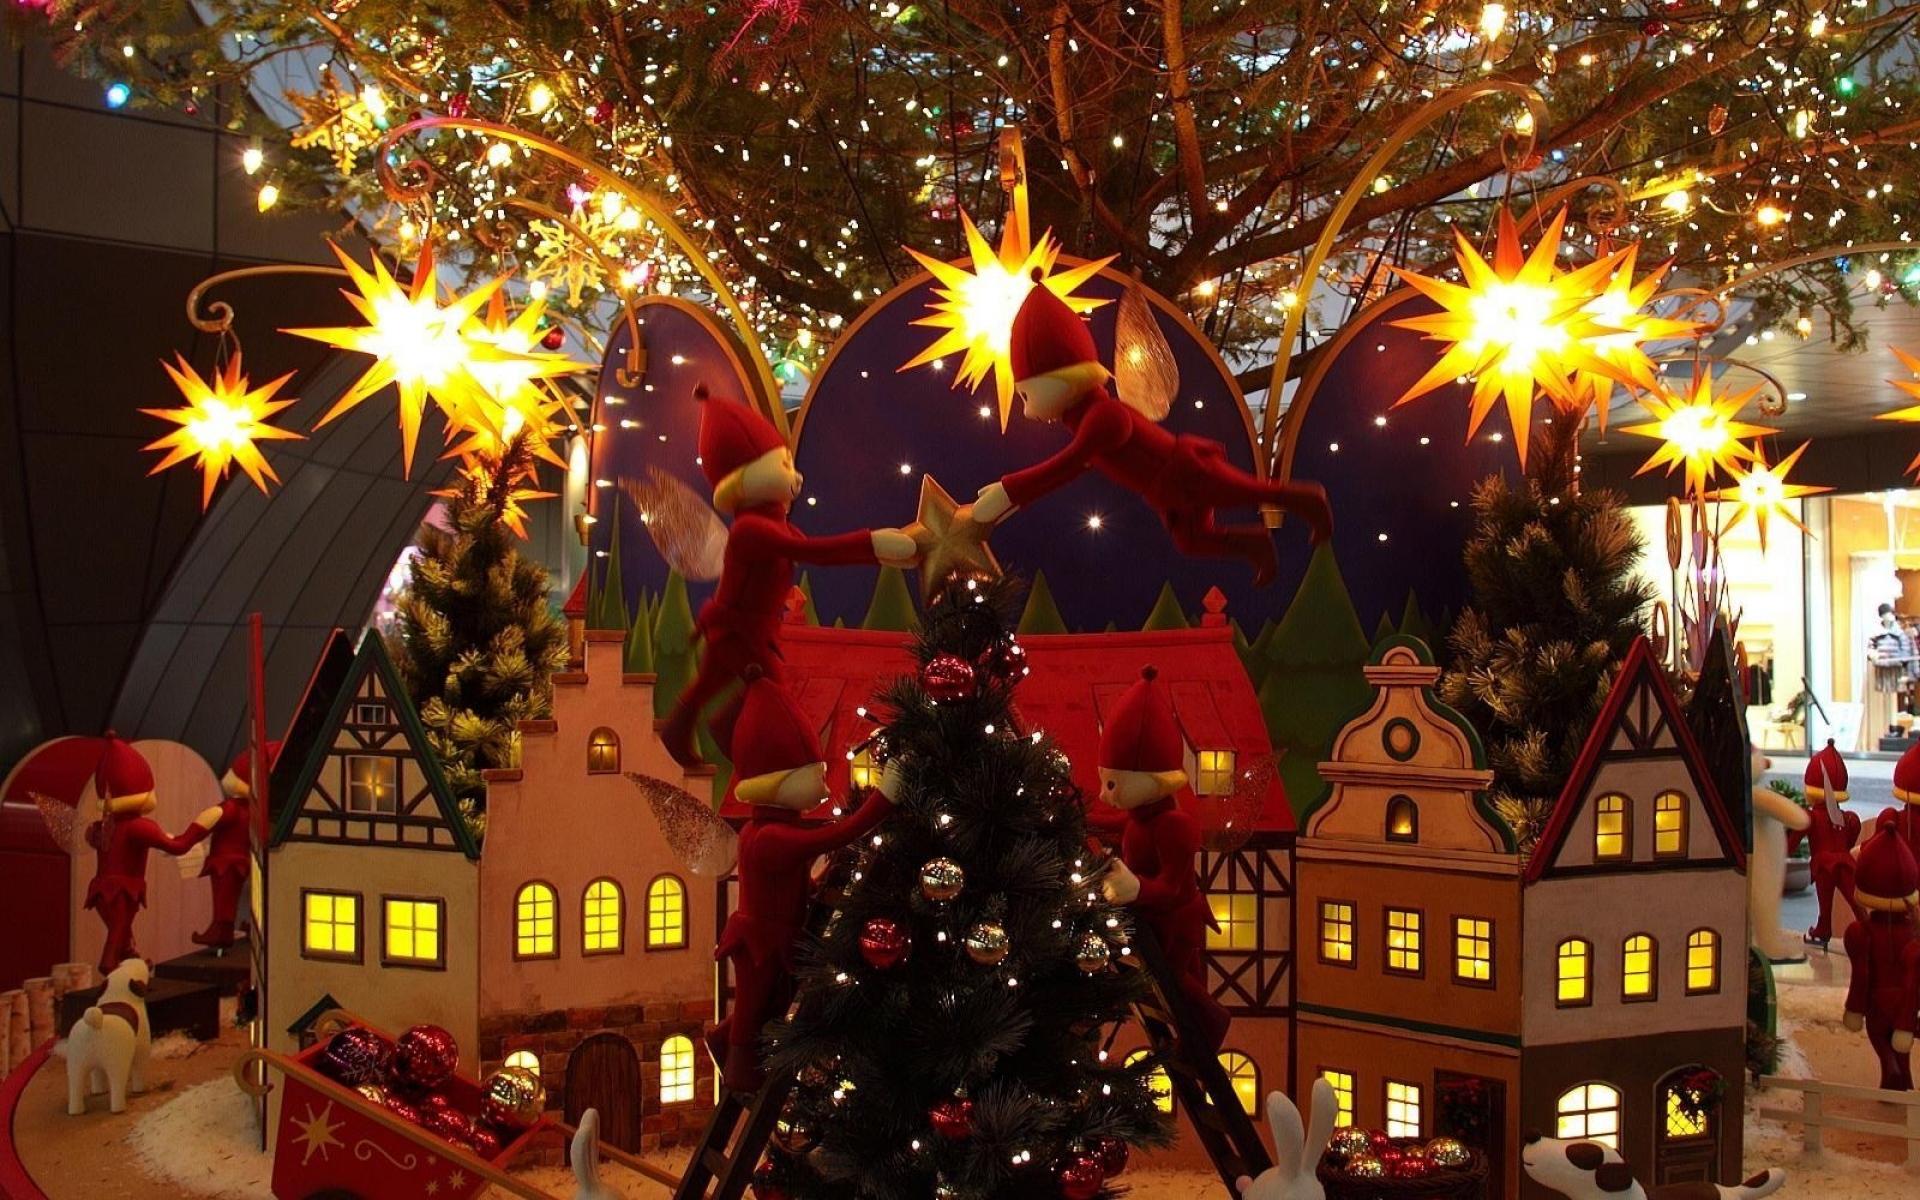 Картинки Дерево, рождество, праздник, дом, эльфы, рождественские украшения фото и обои на рабочий стол